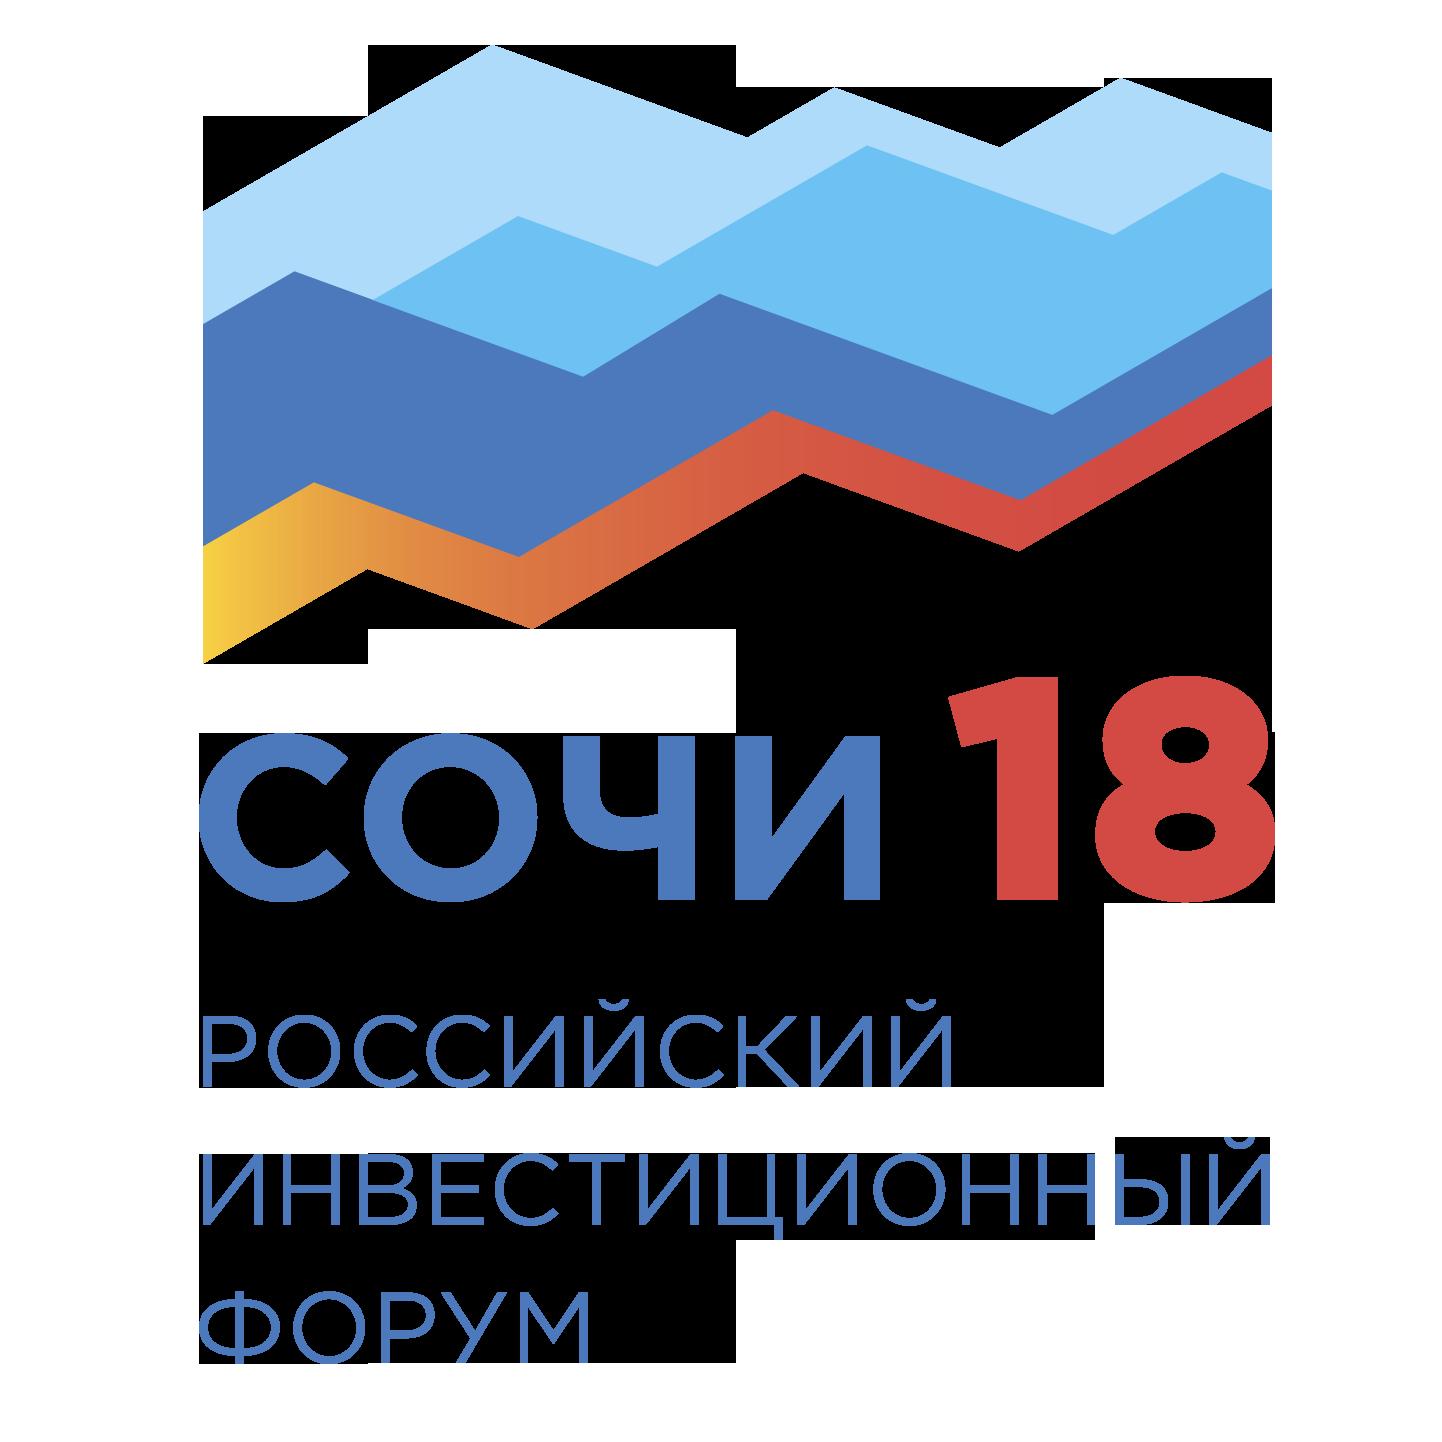 Калужский регион стал финалистом Всероссийского конкурса в Сочи